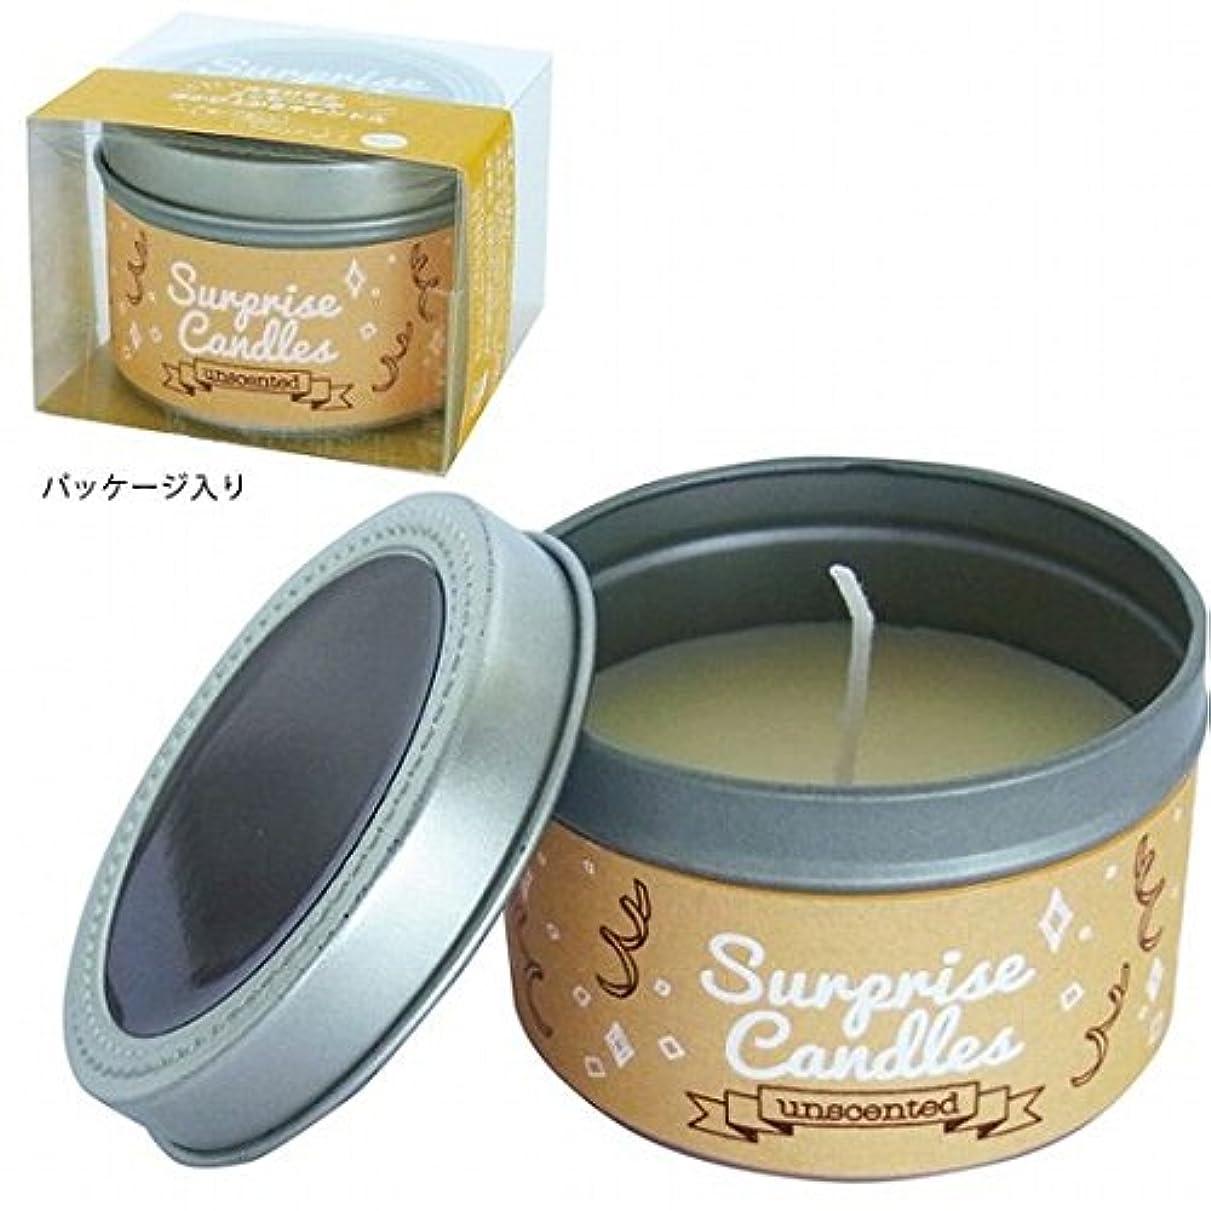 経験行商人相手kameyama candle(カメヤマキャンドル) サプライズキャンドル 「無香」(A207005010)